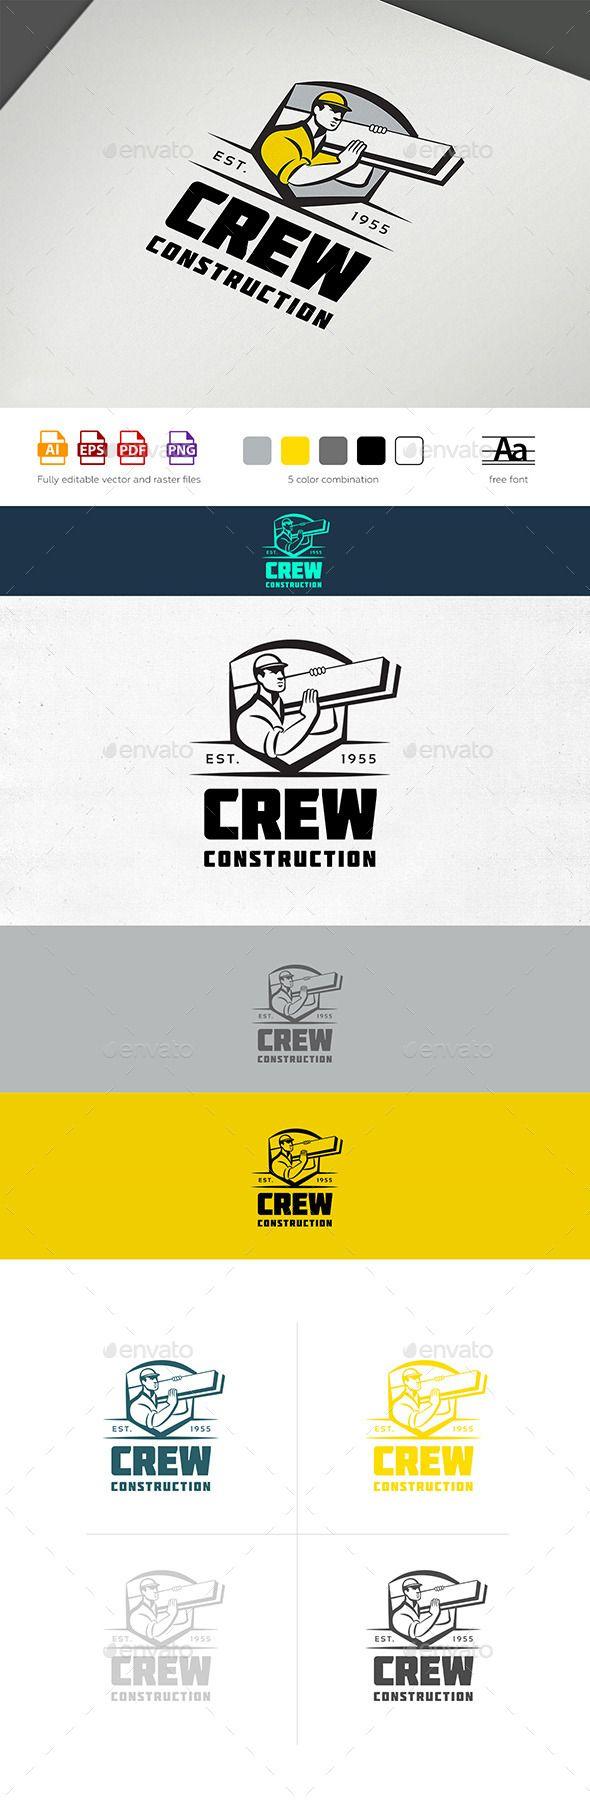 Construction Crew Logo | Tarjetas presentacion, Mantenimiento y ...